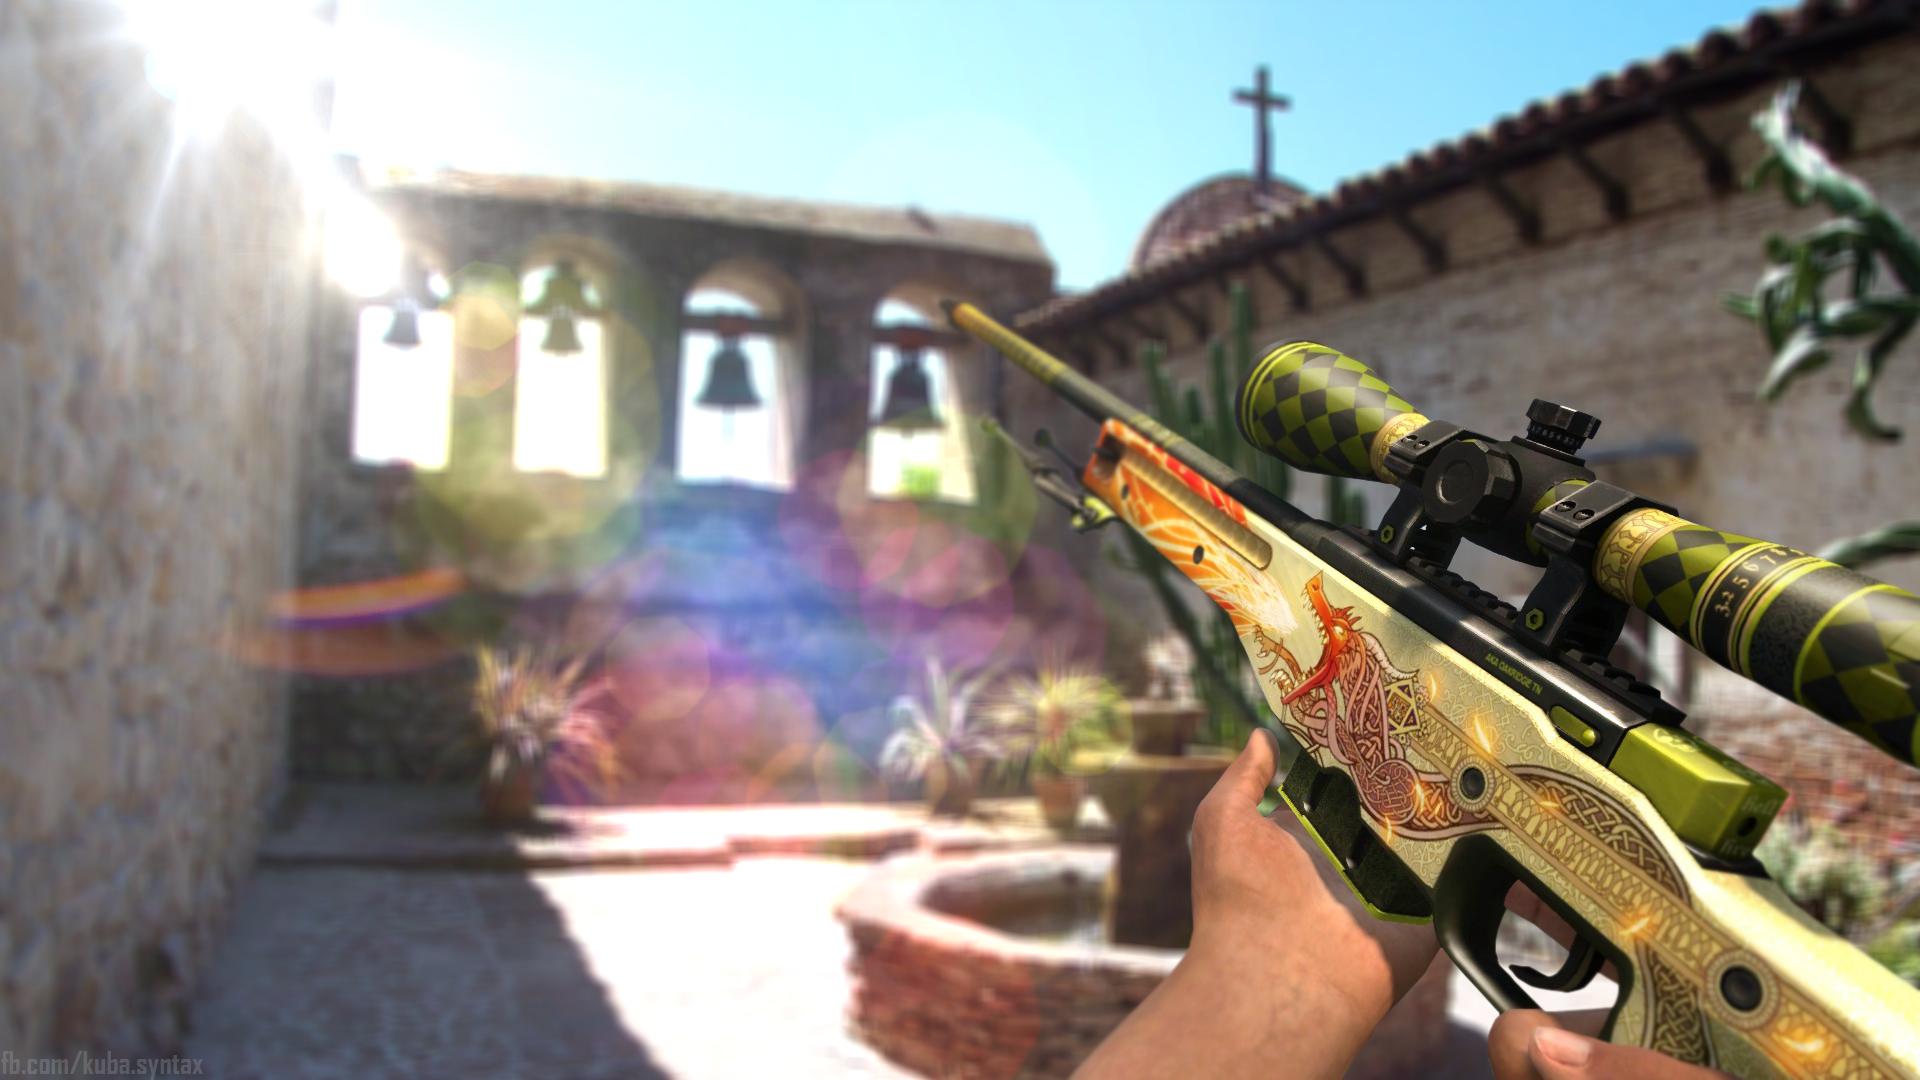 Video Game Counter Strike Global Offensive Awp Azimov Guns Dragon Lore Counter Strike Papel De Parede Planos De Fundo Papel De Parede Hd Papeis De Parede